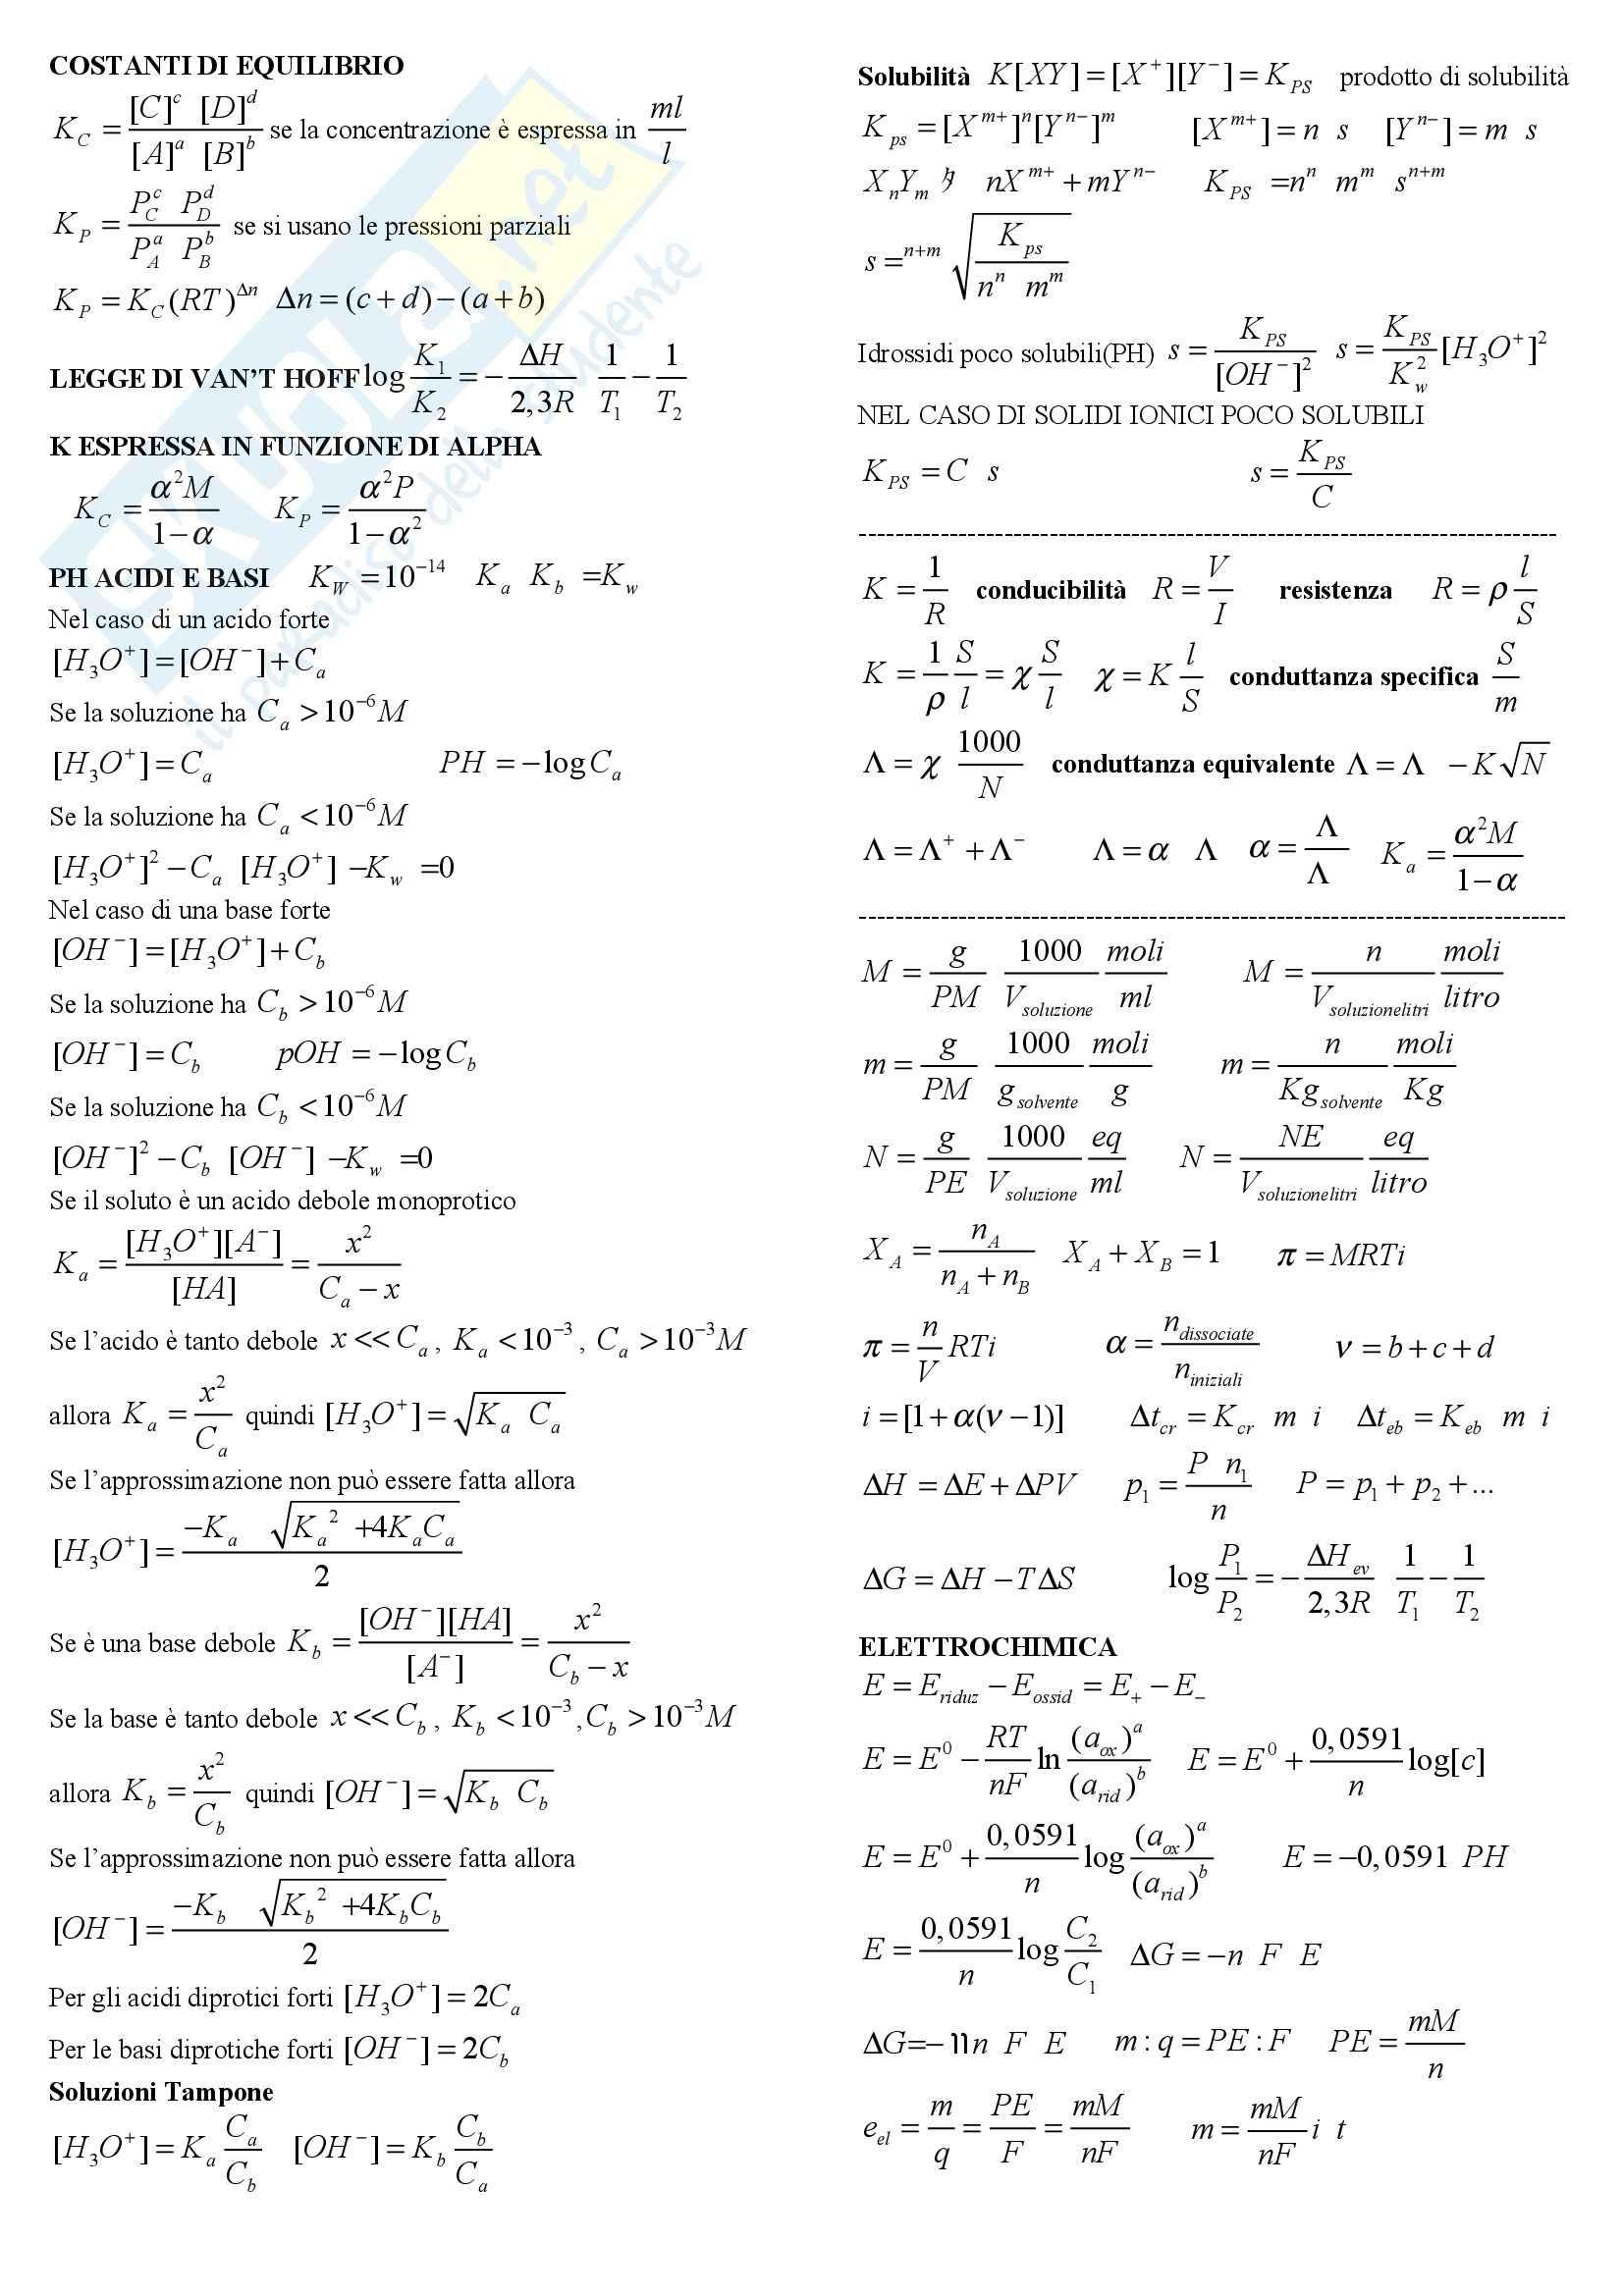 Chimica - il formulario